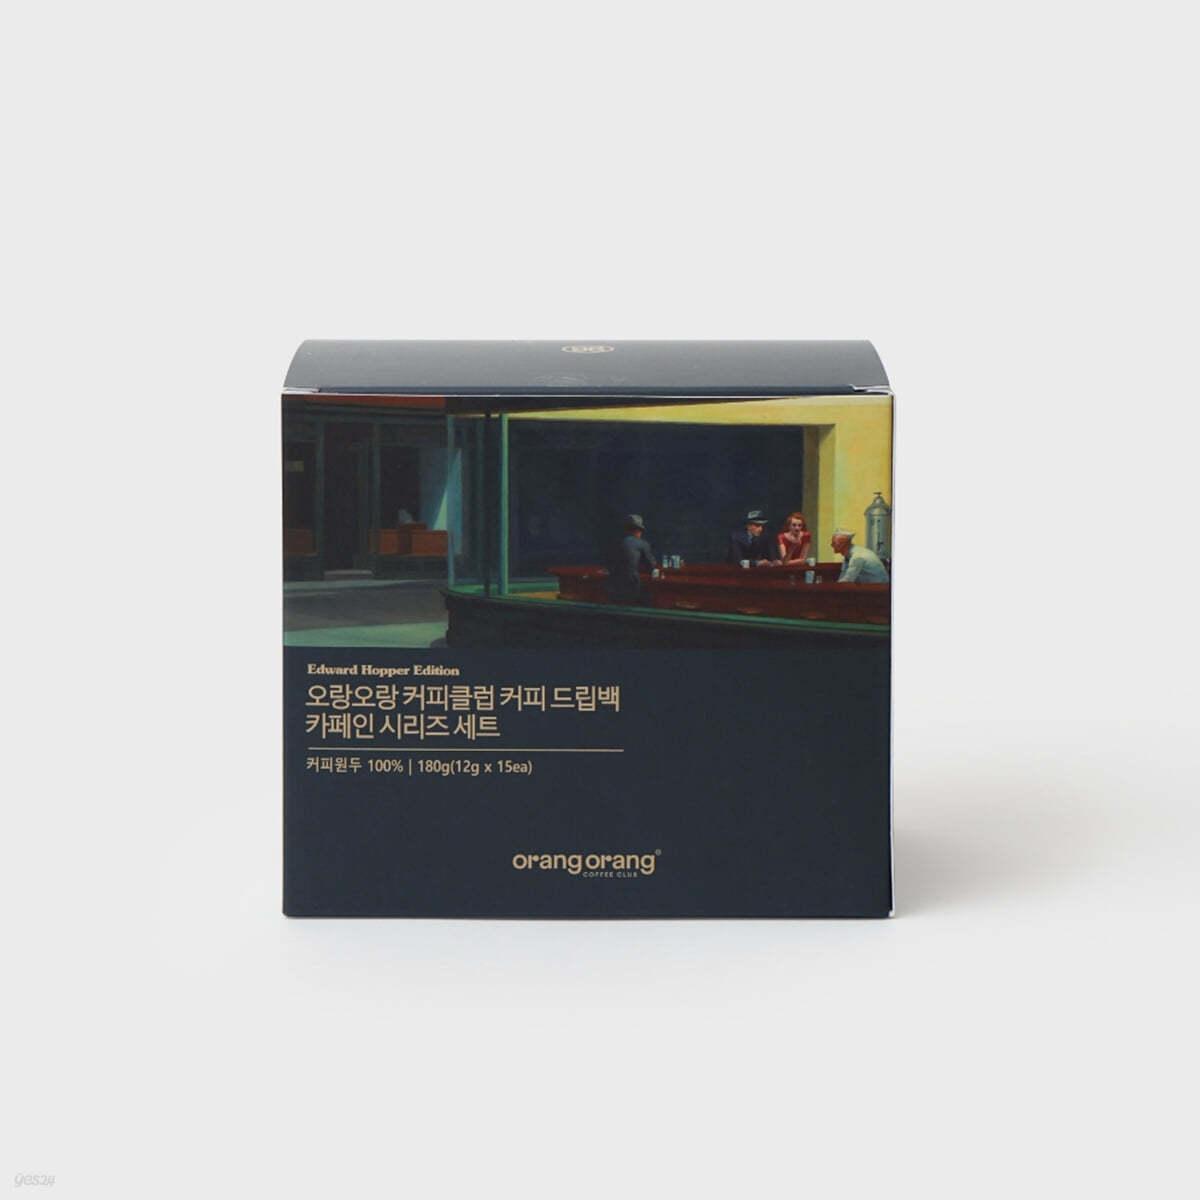 [오랑오랑 커피클럽] 에드워드 호퍼 에디션 커피 드립백 카페인 시리즈 15개입